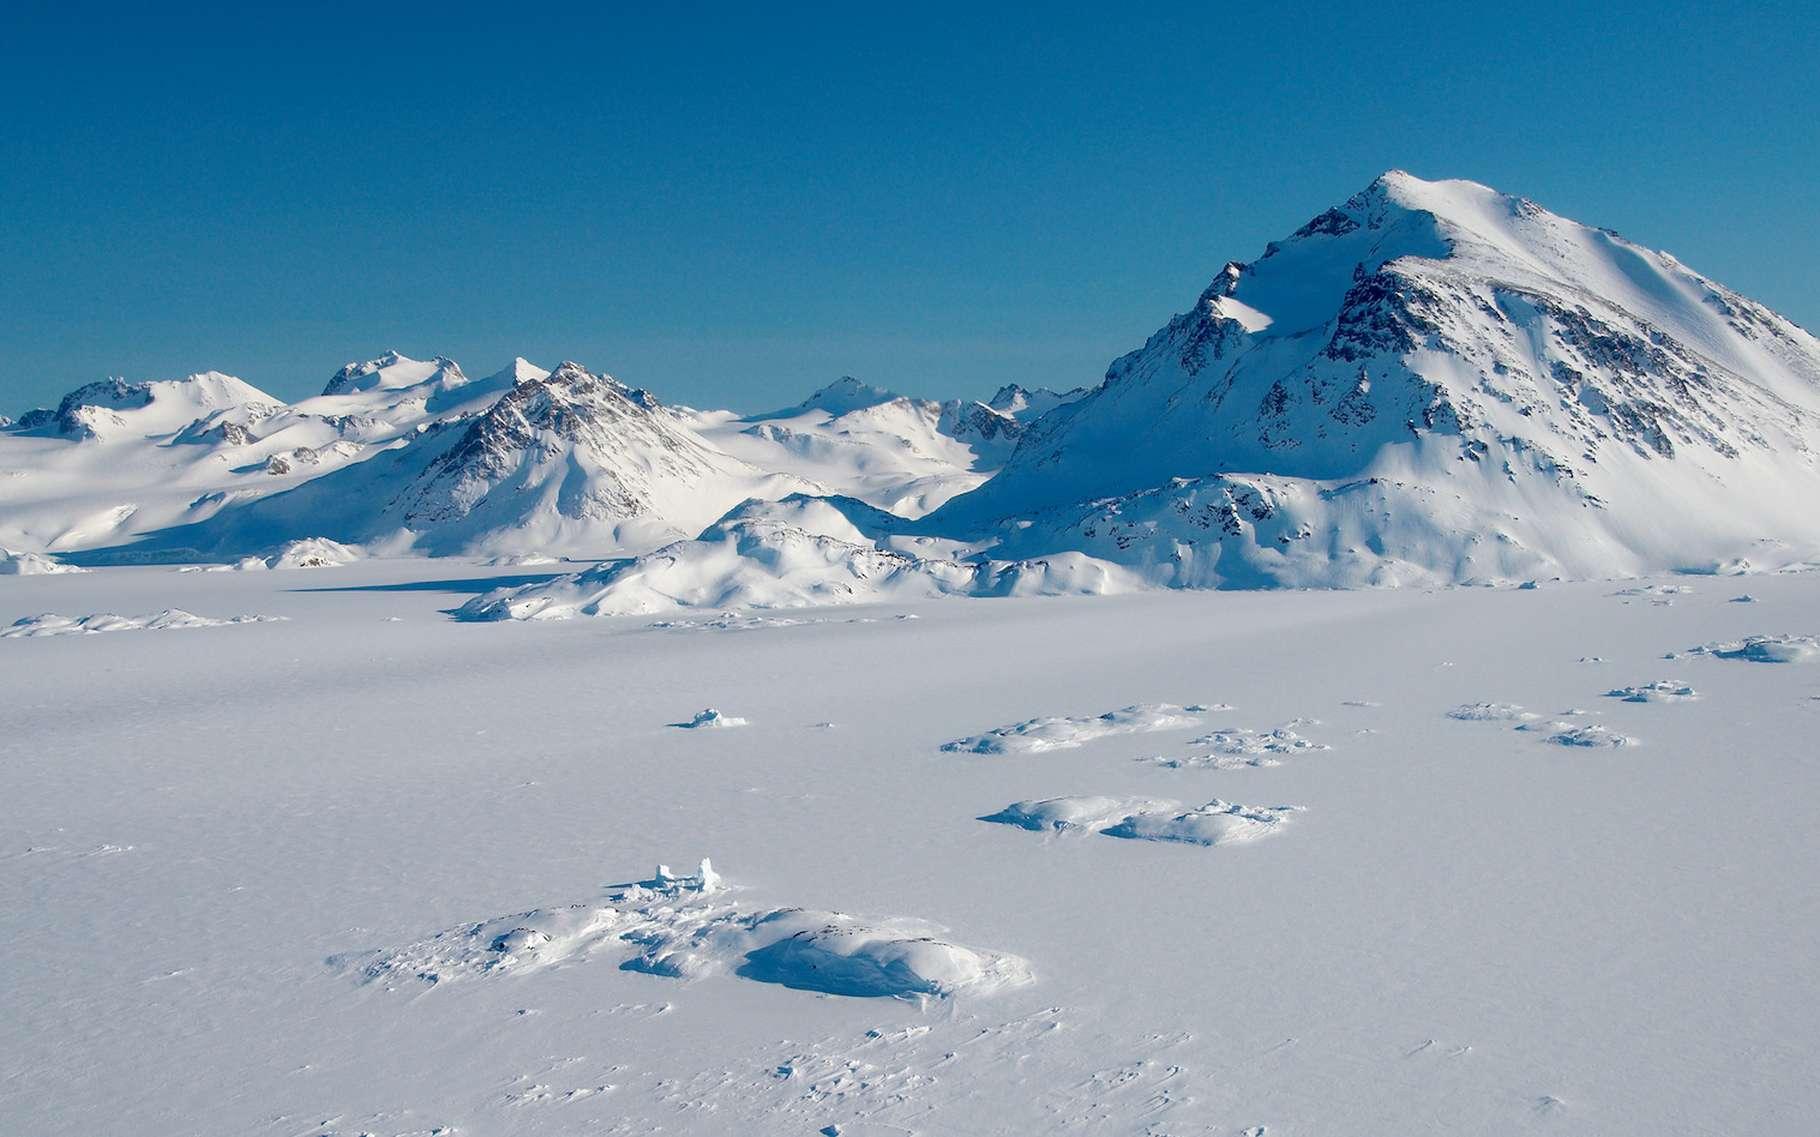 Aujourd'hui, la majeure partie du Groenland est couverte de glace. Mais des chercheurs de l'université du Vermont (États-Unis) montrent que cette glace a fondu au cours du dernier million d'années. La région était alors couverte de verdure. © Anouk Stricher, Adobe Stock